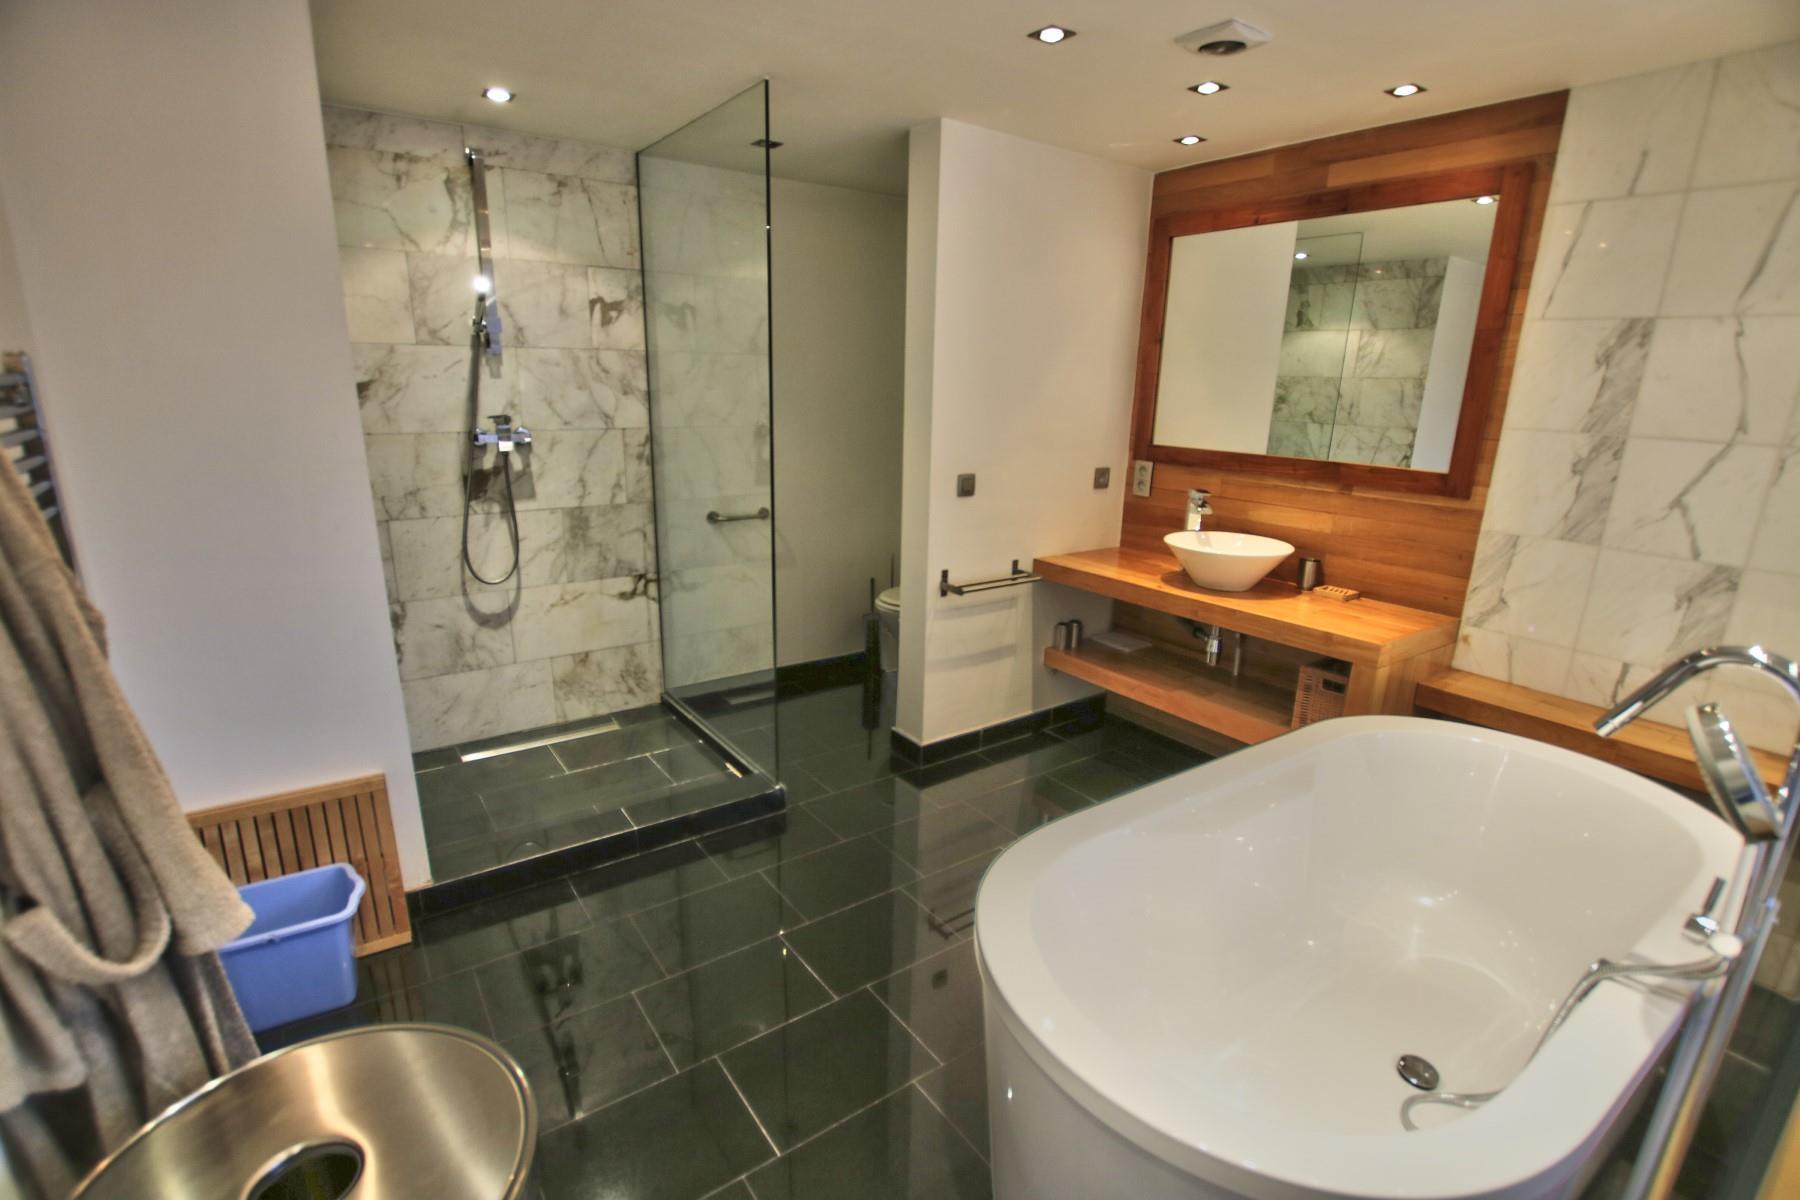 Appartement exceptionnel - Ixelles - #4030098-12